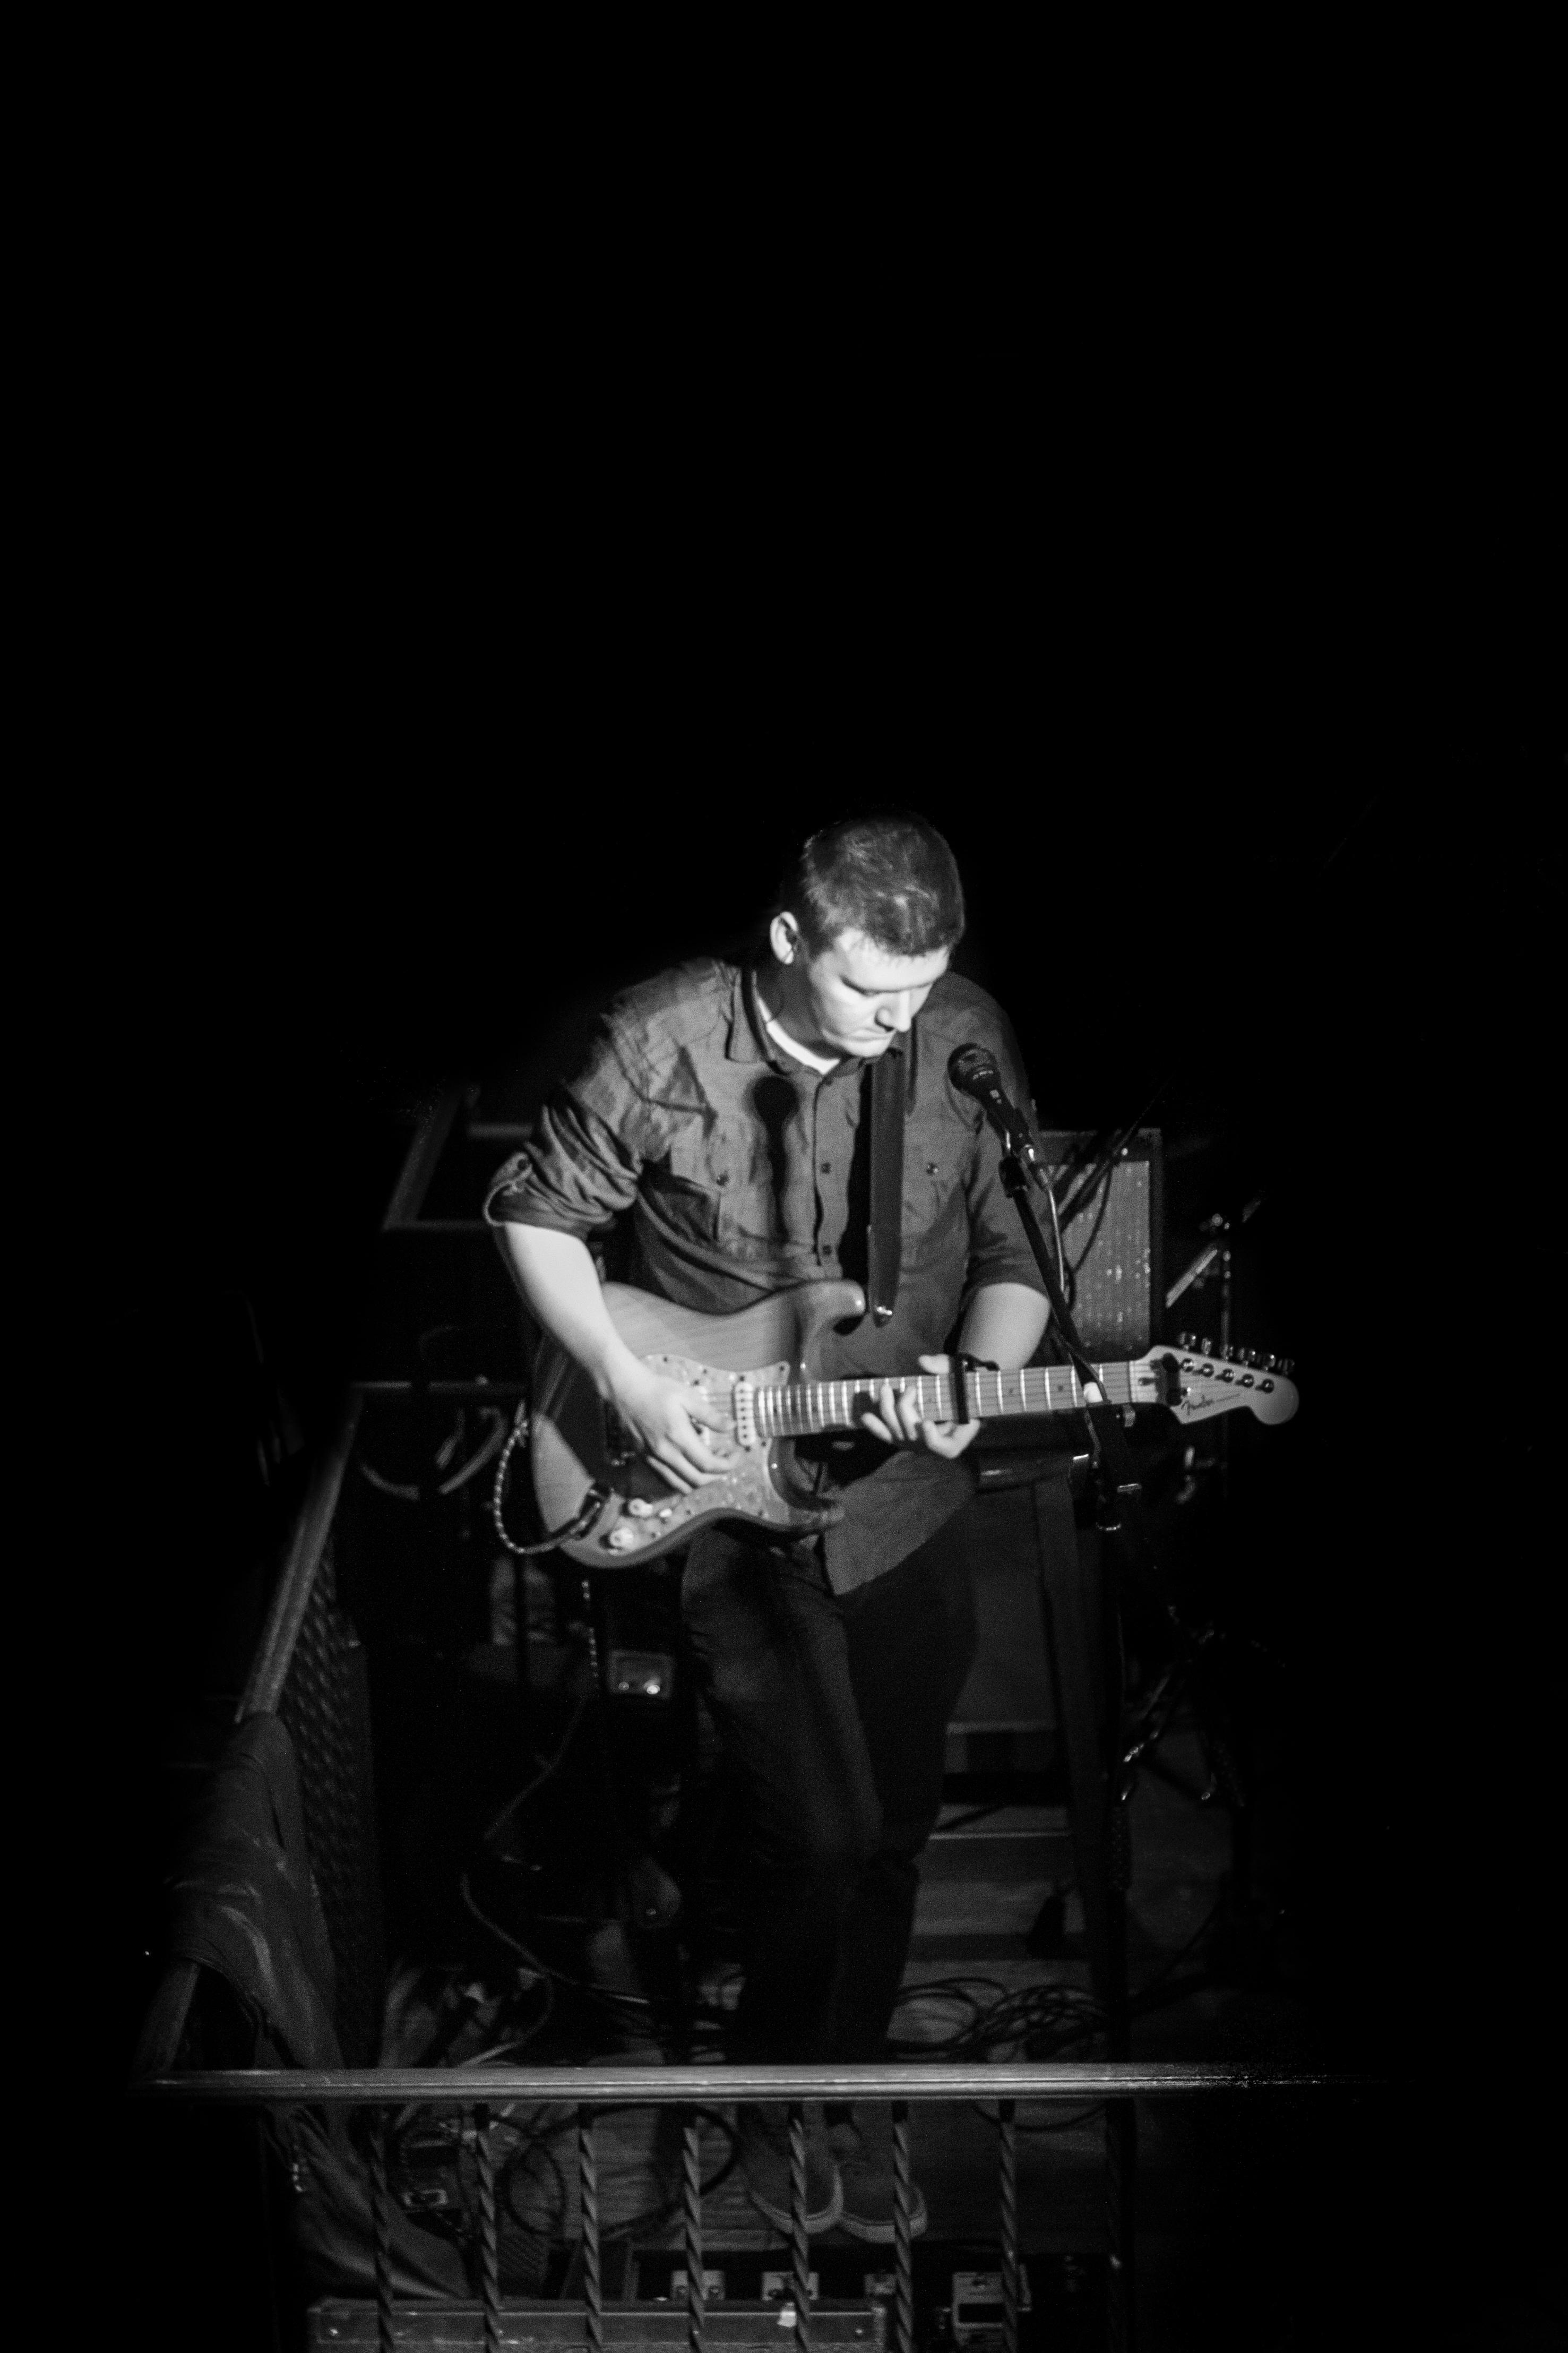 Graham Bell Musician Guitarist